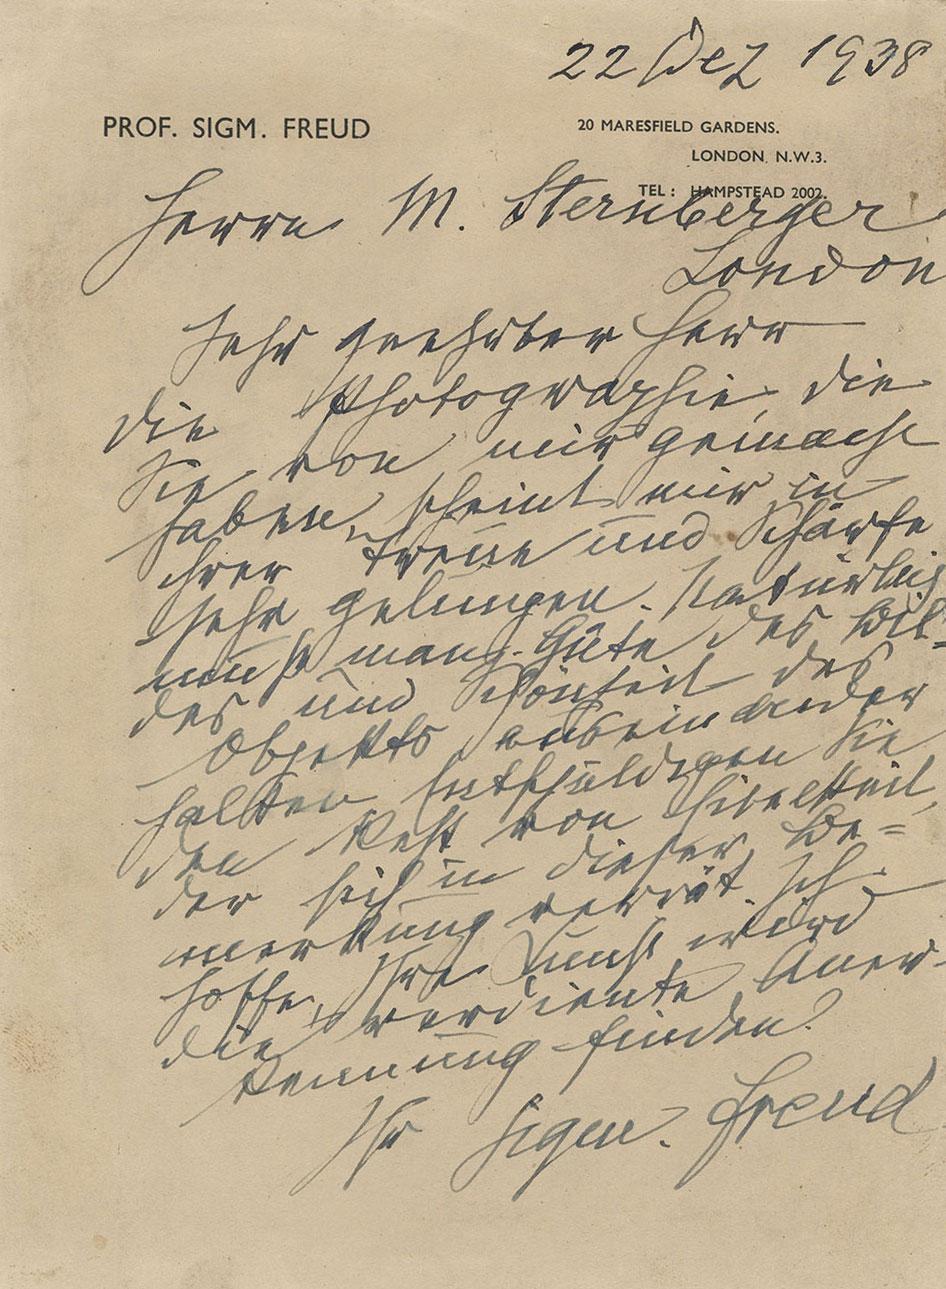 Letter from Sigmund Freud to Marcel Sternberger, 1938